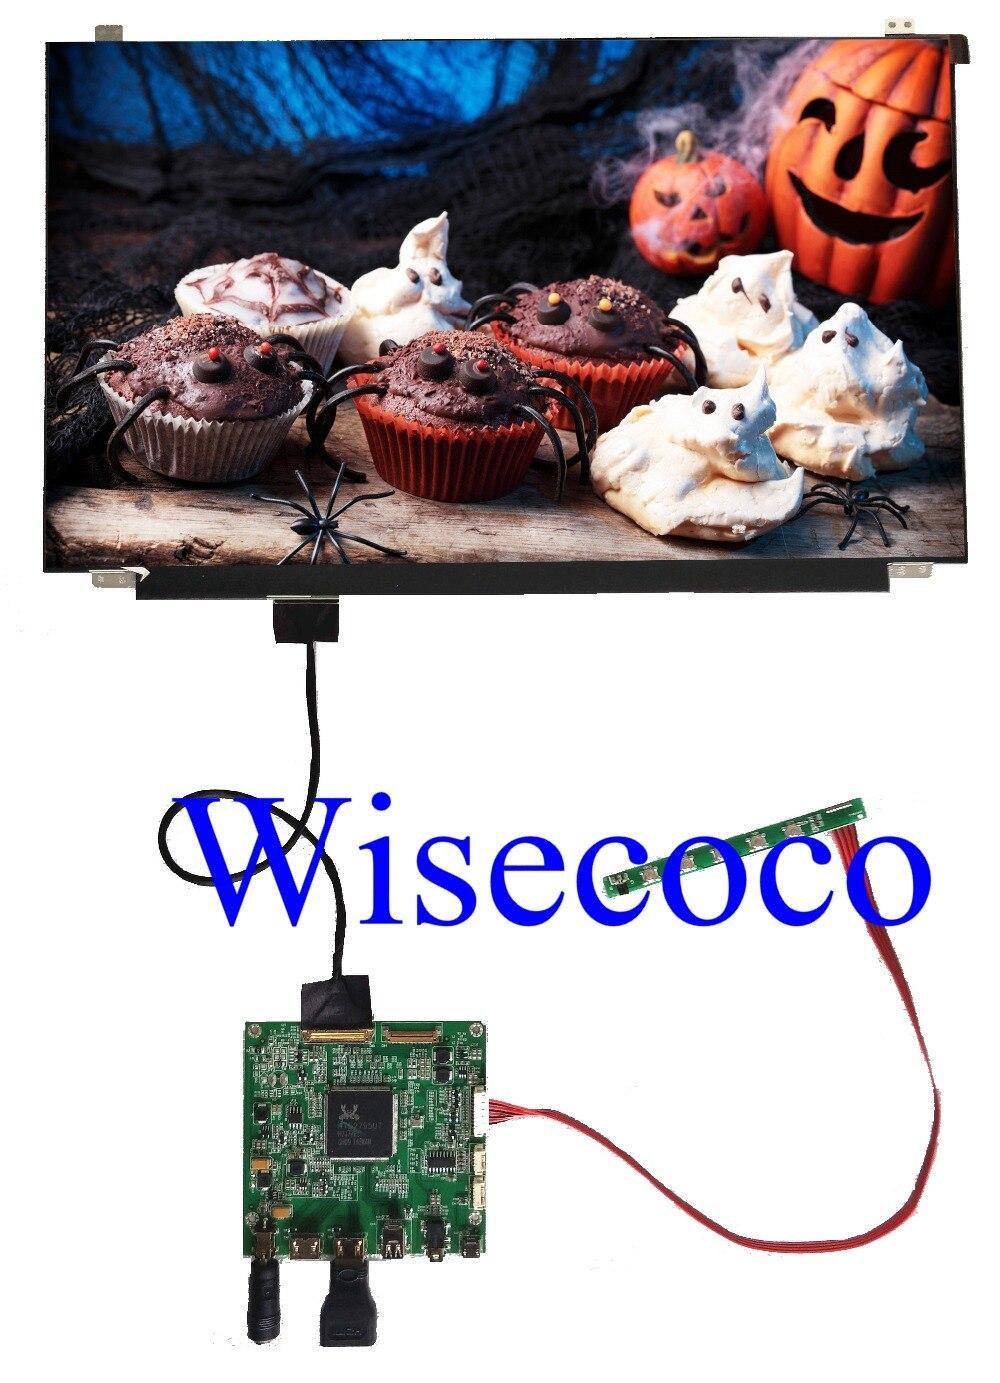 15.6 inch voor Raspberry pi 3 2 1 display 3840*2160 4 k UHD IPS Display HDMI DP Driver board LCD Module Screen Monitor Laptop PC-in LCD's voor mobiele telefoons van Mobiele telefoons & telecommunicatie op AliExpress - 11.11_Dubbel 11Vrijgezellendag 1